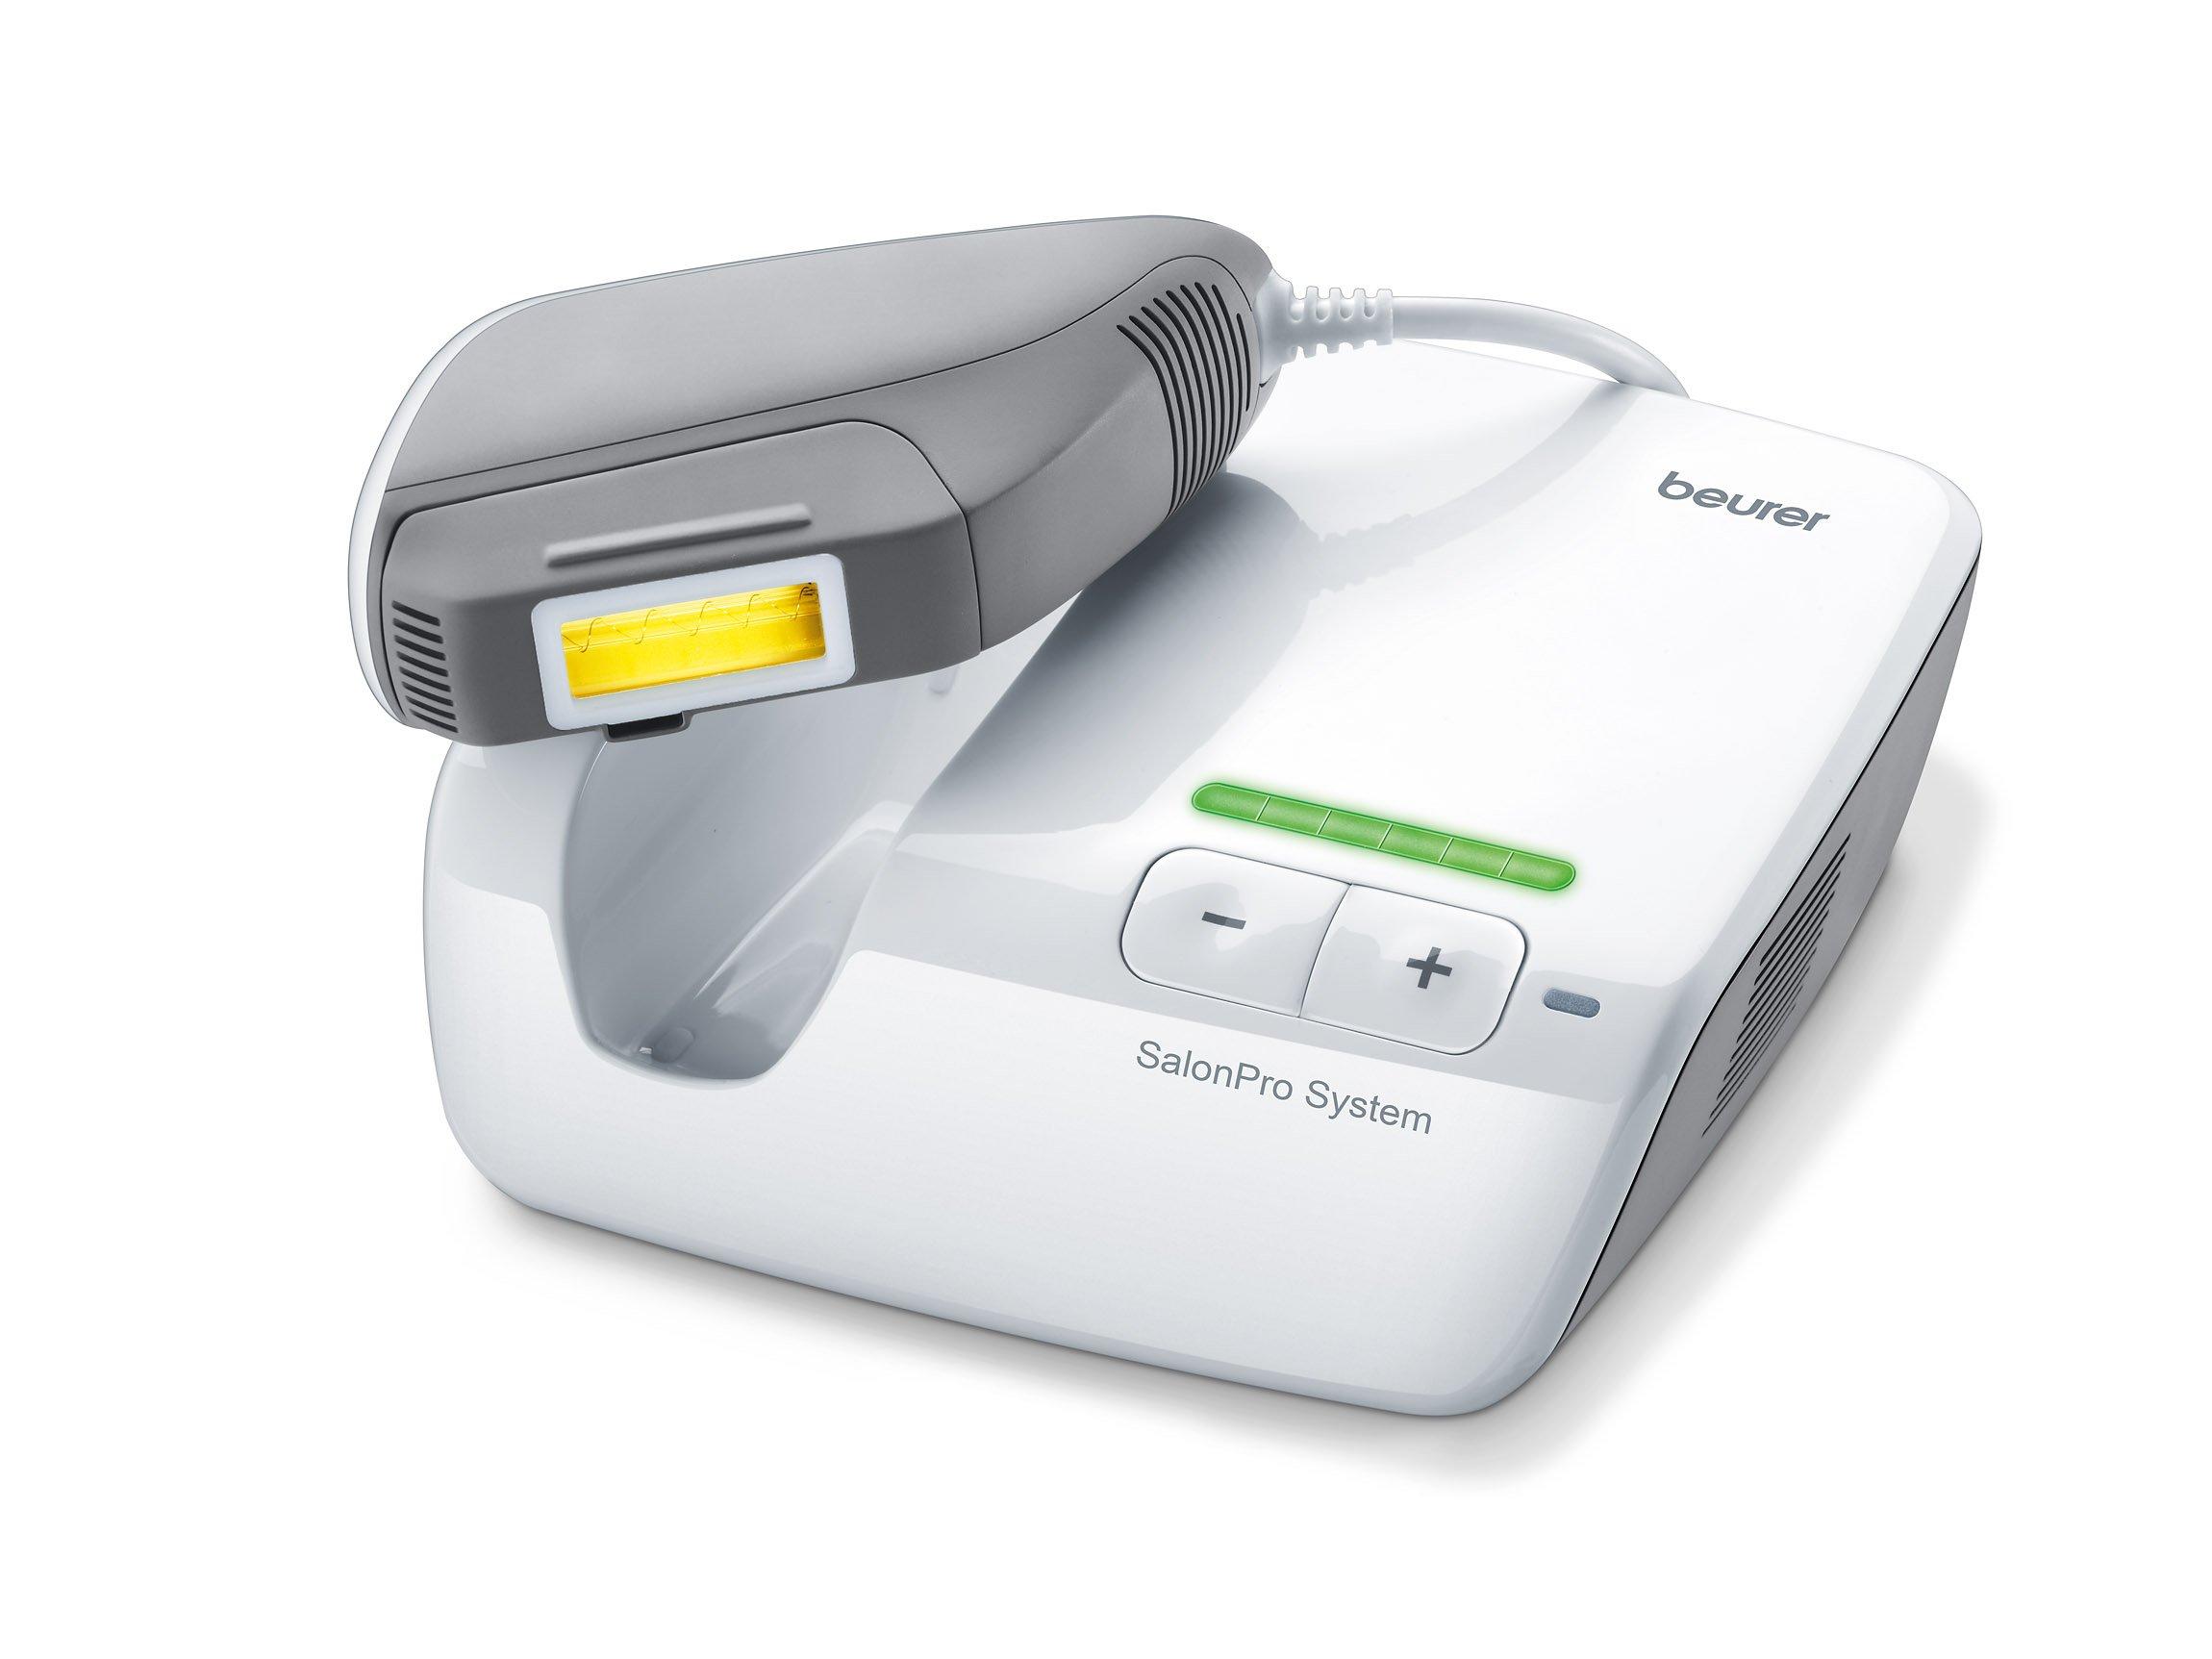 Beurer IPL 9000+ Appareil d'Epilation Semi-Permanente à Lumière Pulsée product image